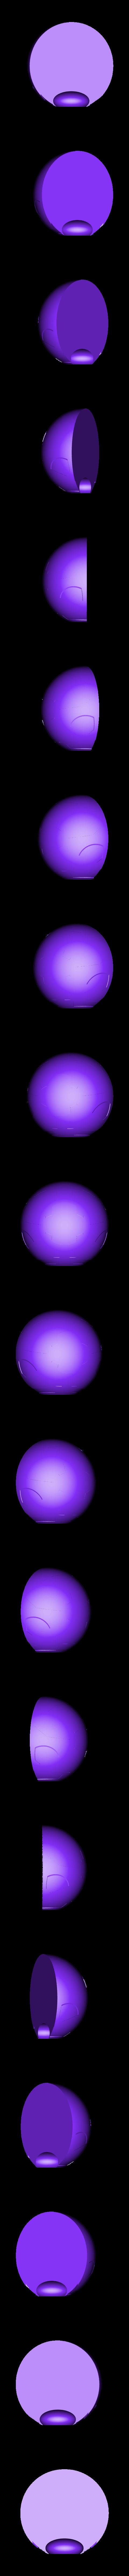 Torso-Bottom.stl Download STL file Hammond's Wrecking Ball Mech from Overwatch • 3D printer template, FunbieStudios